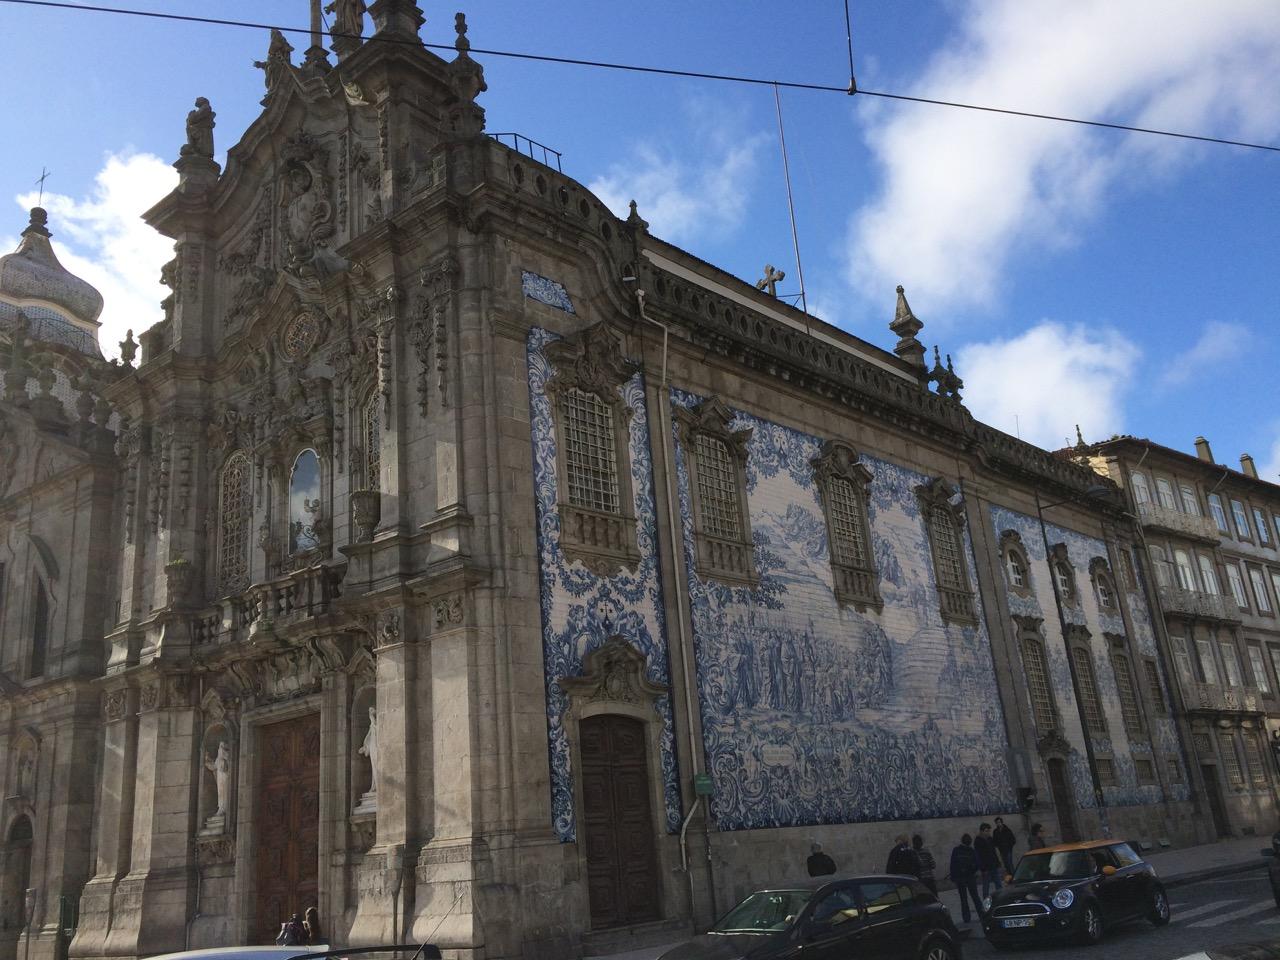 Igreja dos Carmelitos (Church of Carmelitas)